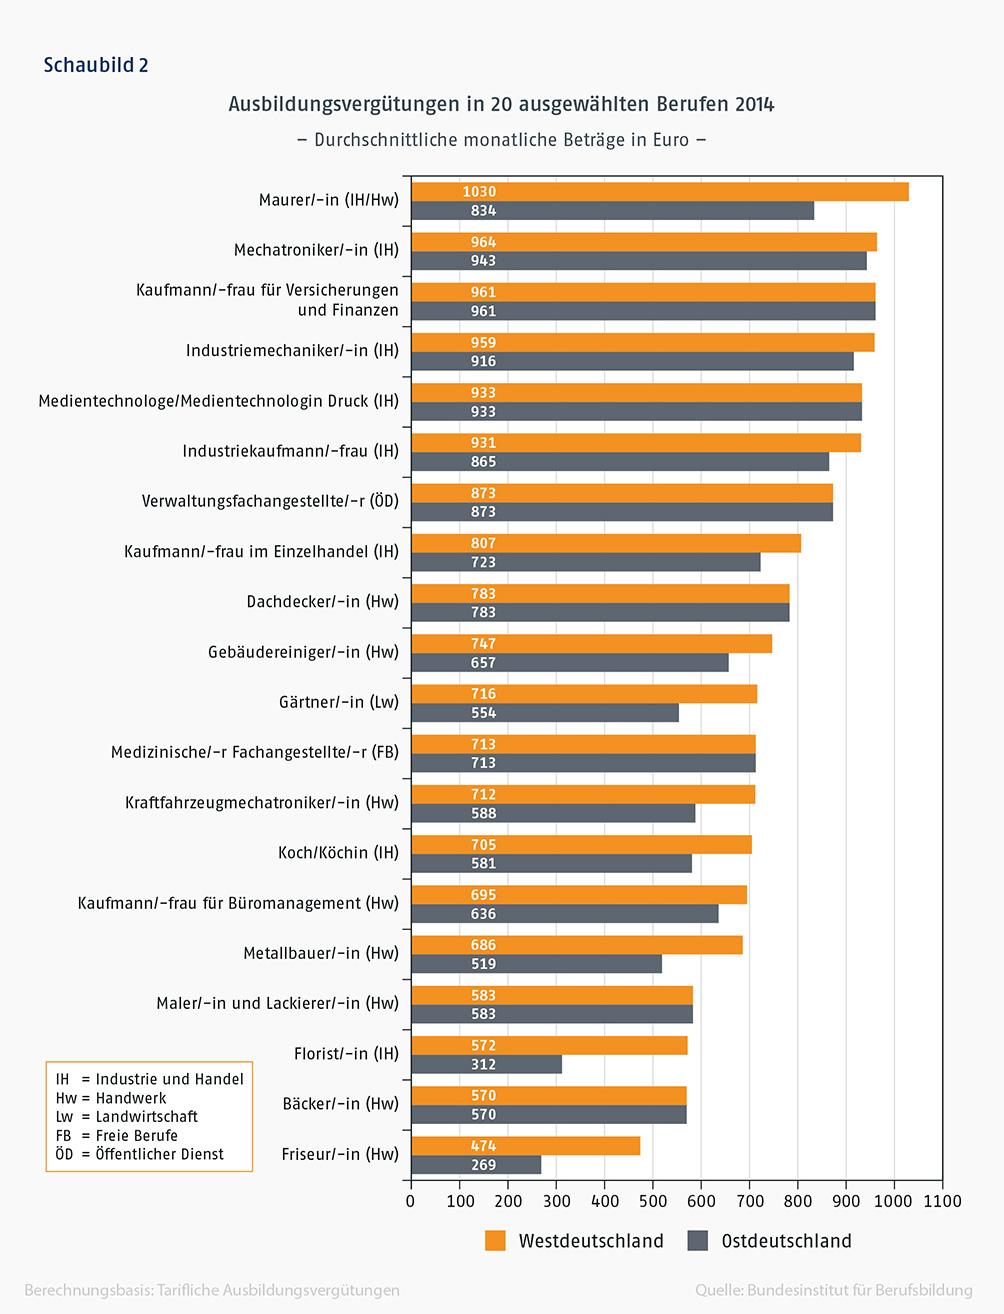 Schaubild 2: Balkendiagramm Ausbildungsvergütungen in 20 ausgewählten Berufen 2014